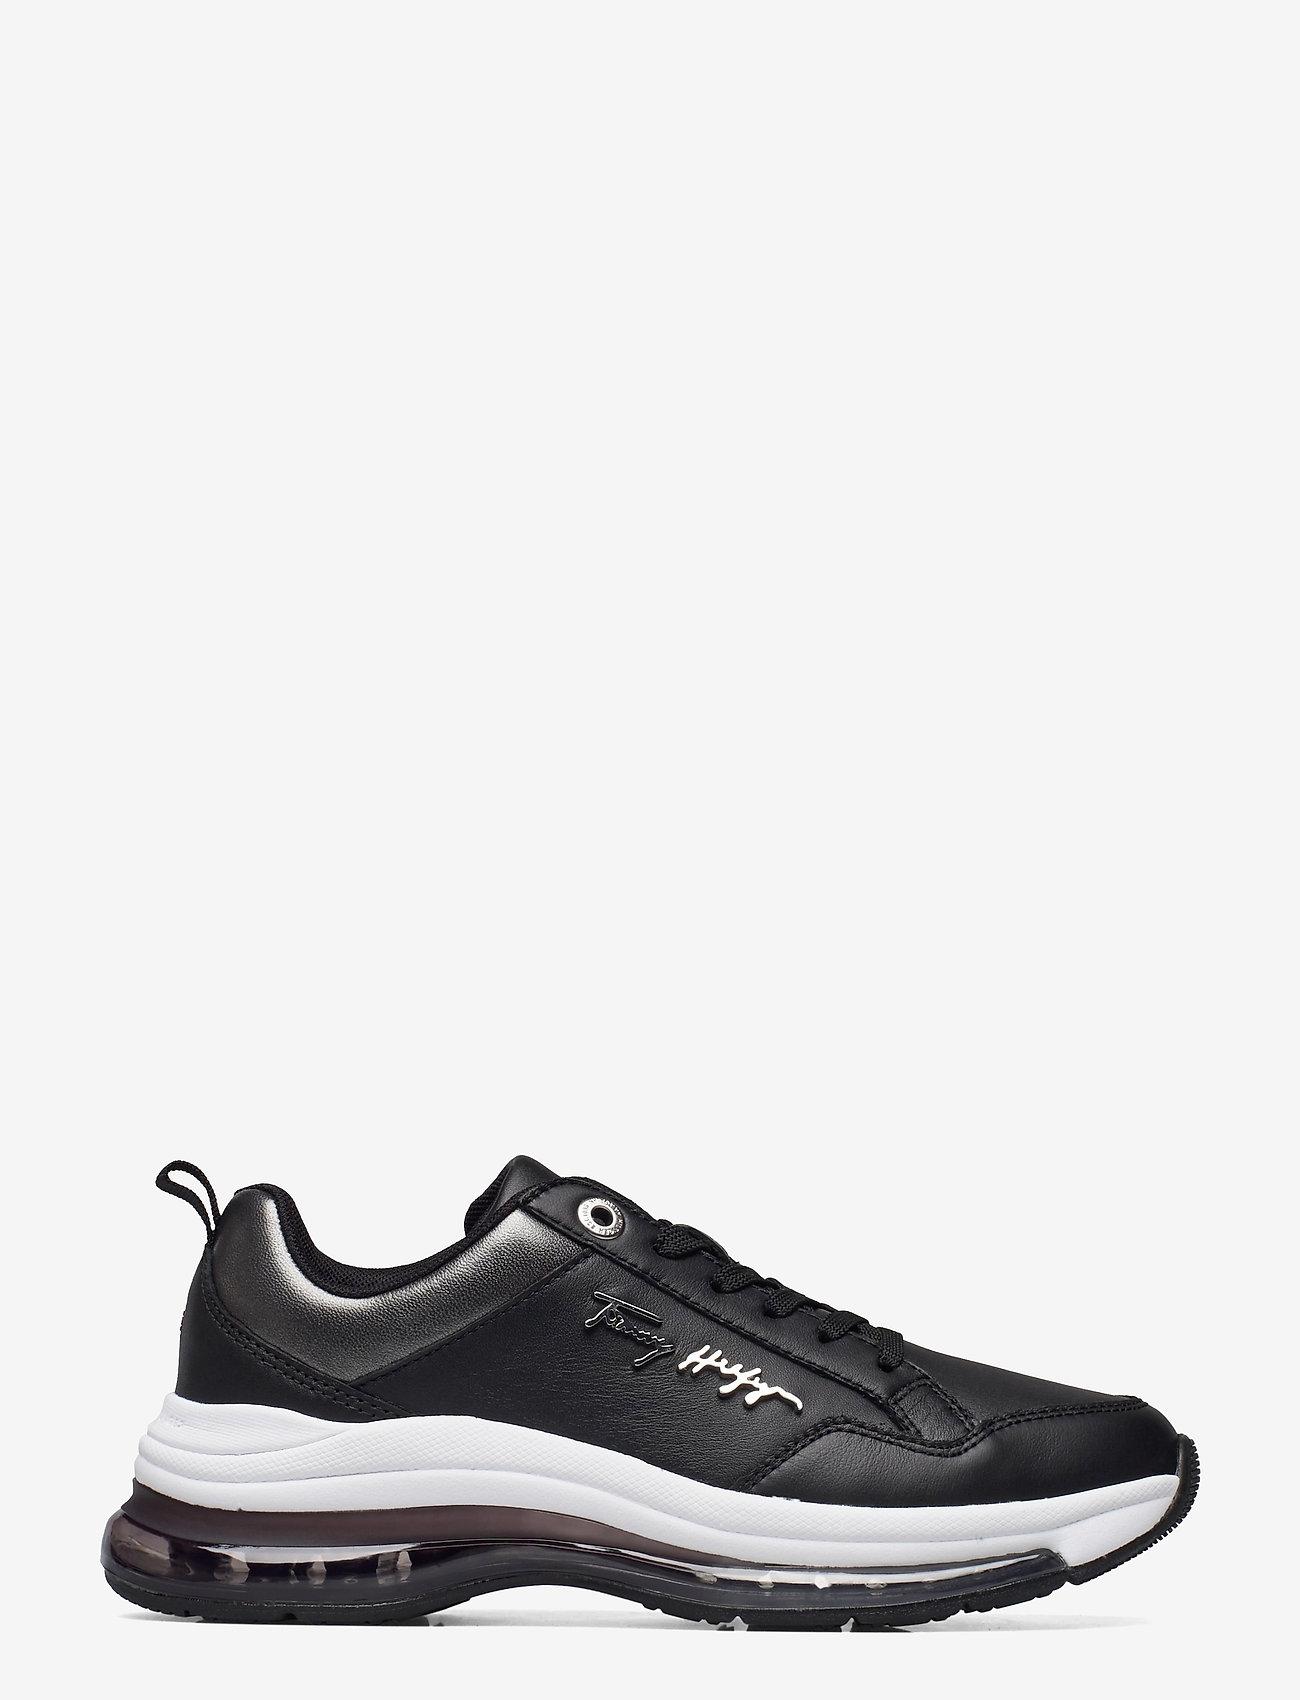 Tommy Hilfiger - CITY AIR RUNNER METALLIC - low top sneakers - black - 0